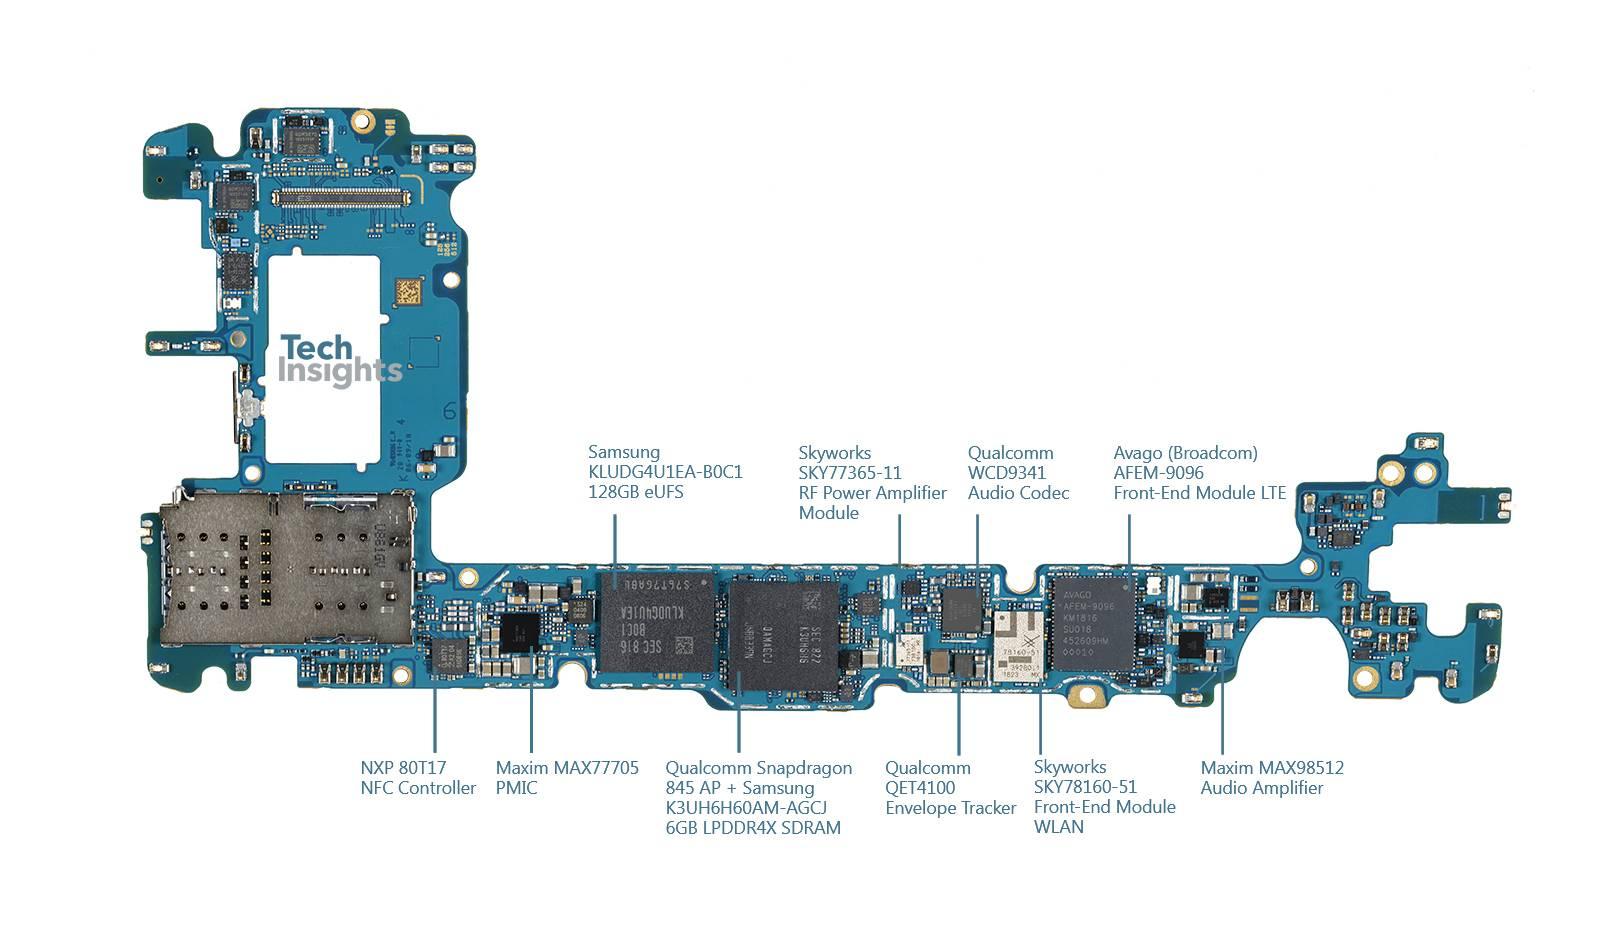 Pm8005 Qualcomm